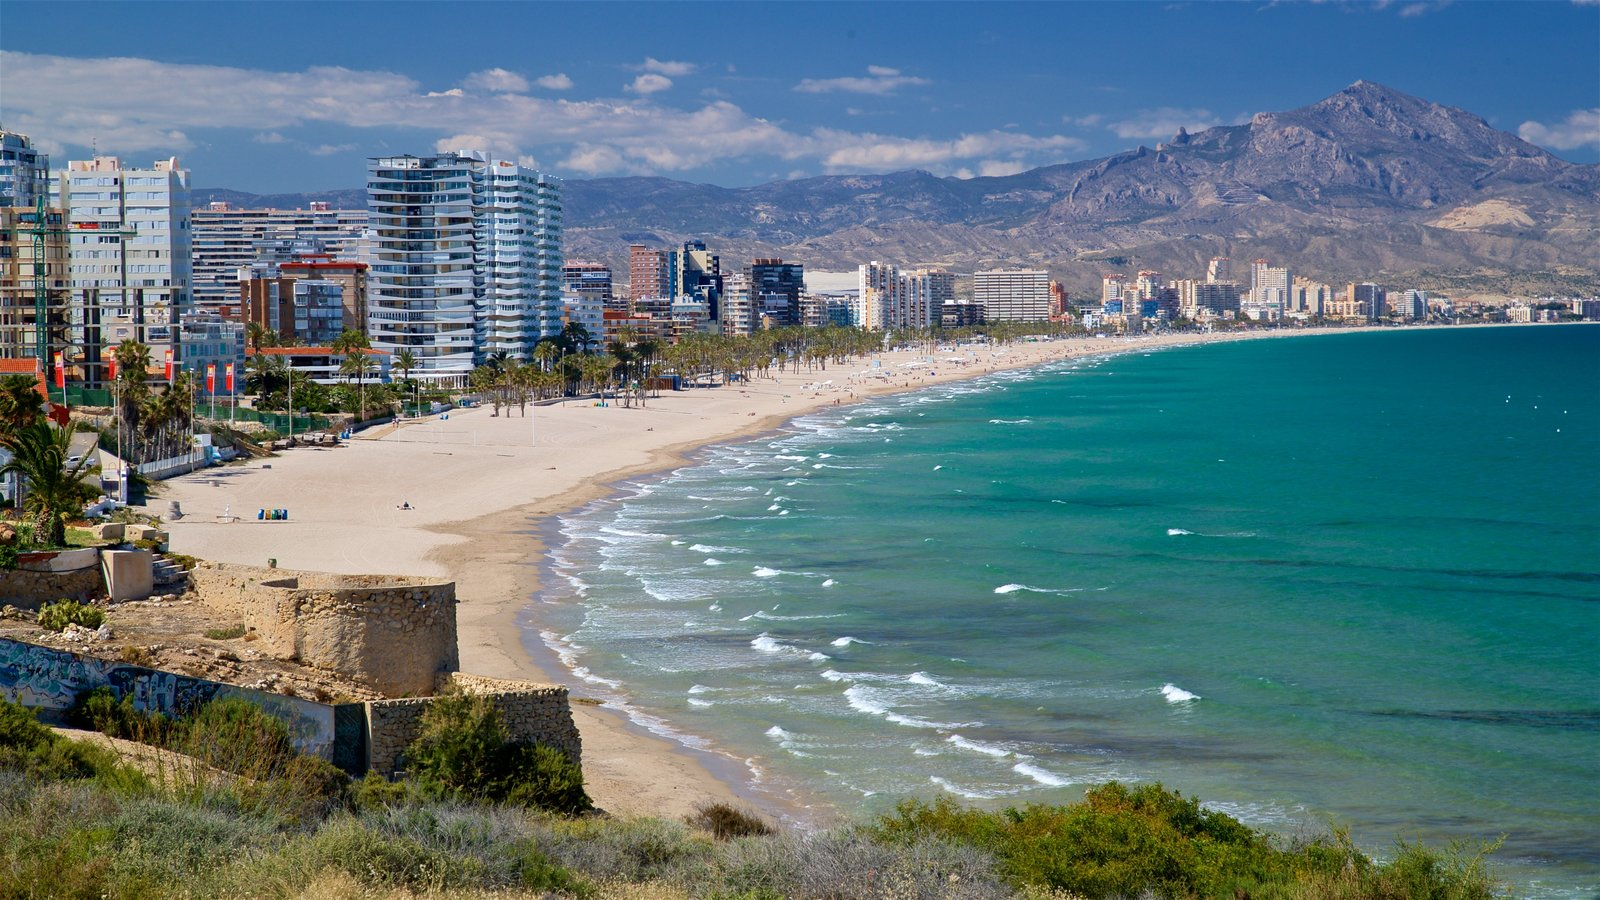 Cabo de las Huertas que incluye una playa de arena, una ciudad costera y vistas de paisajes